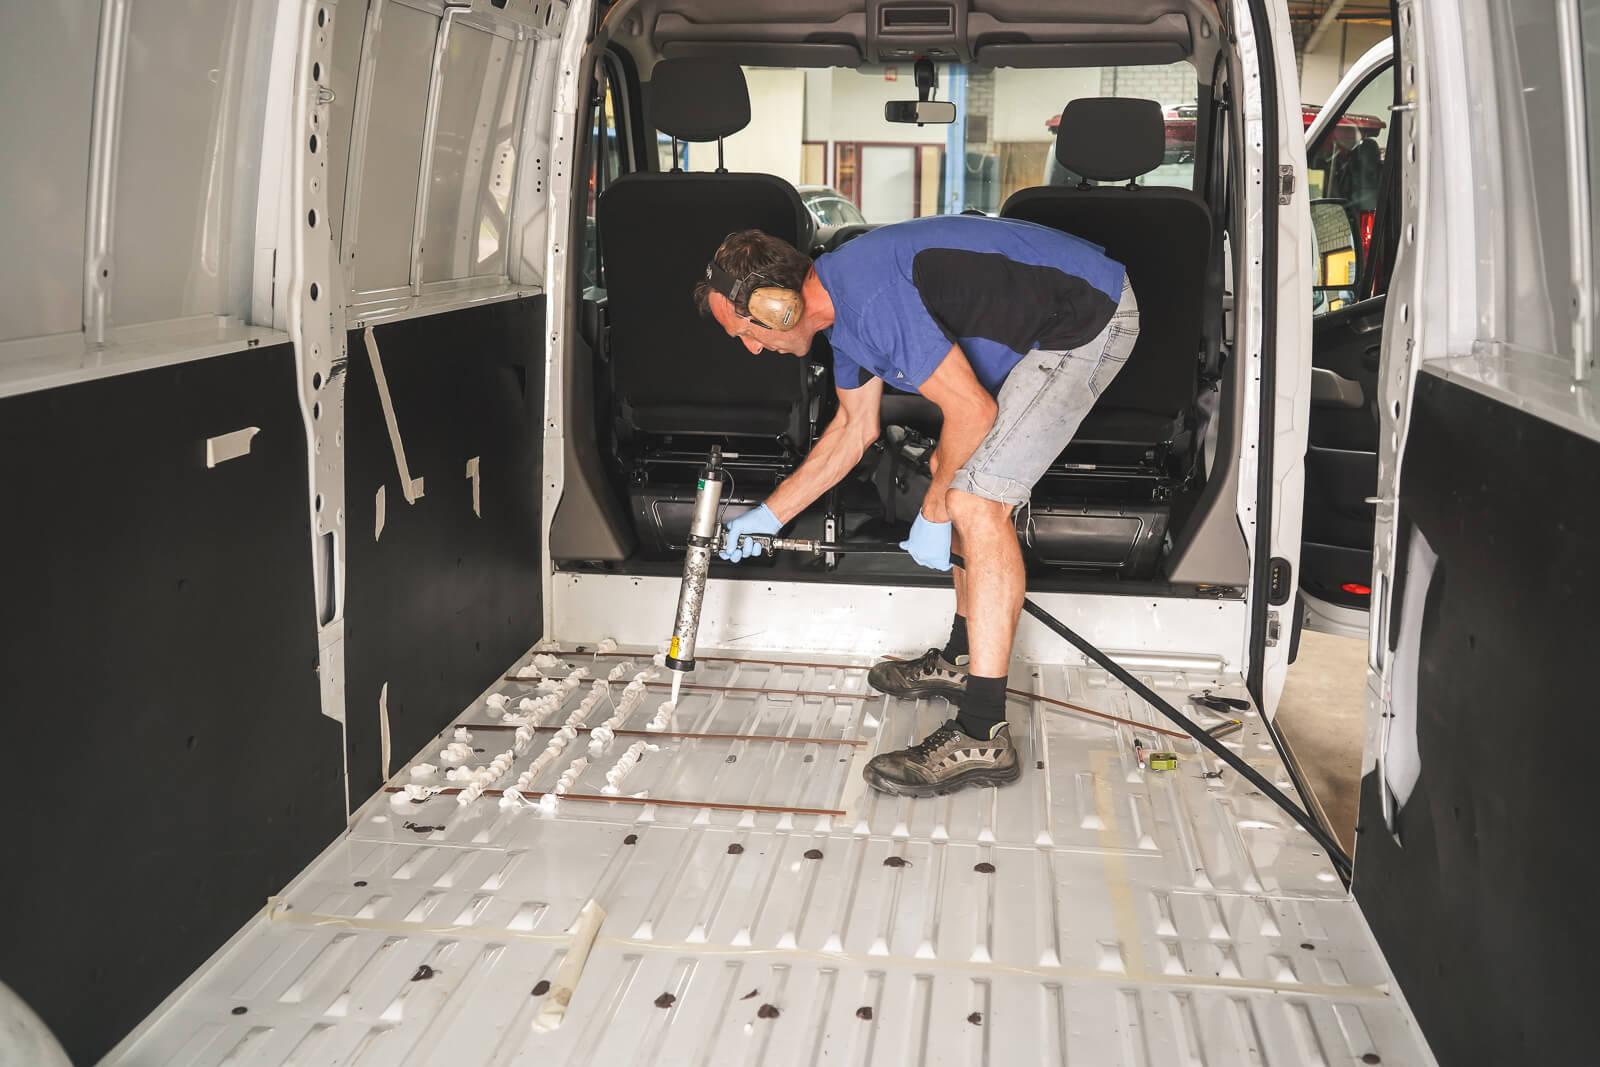 Bodemplaat van extra zitplaatsen camper monteren - B&S autoaanpassingen